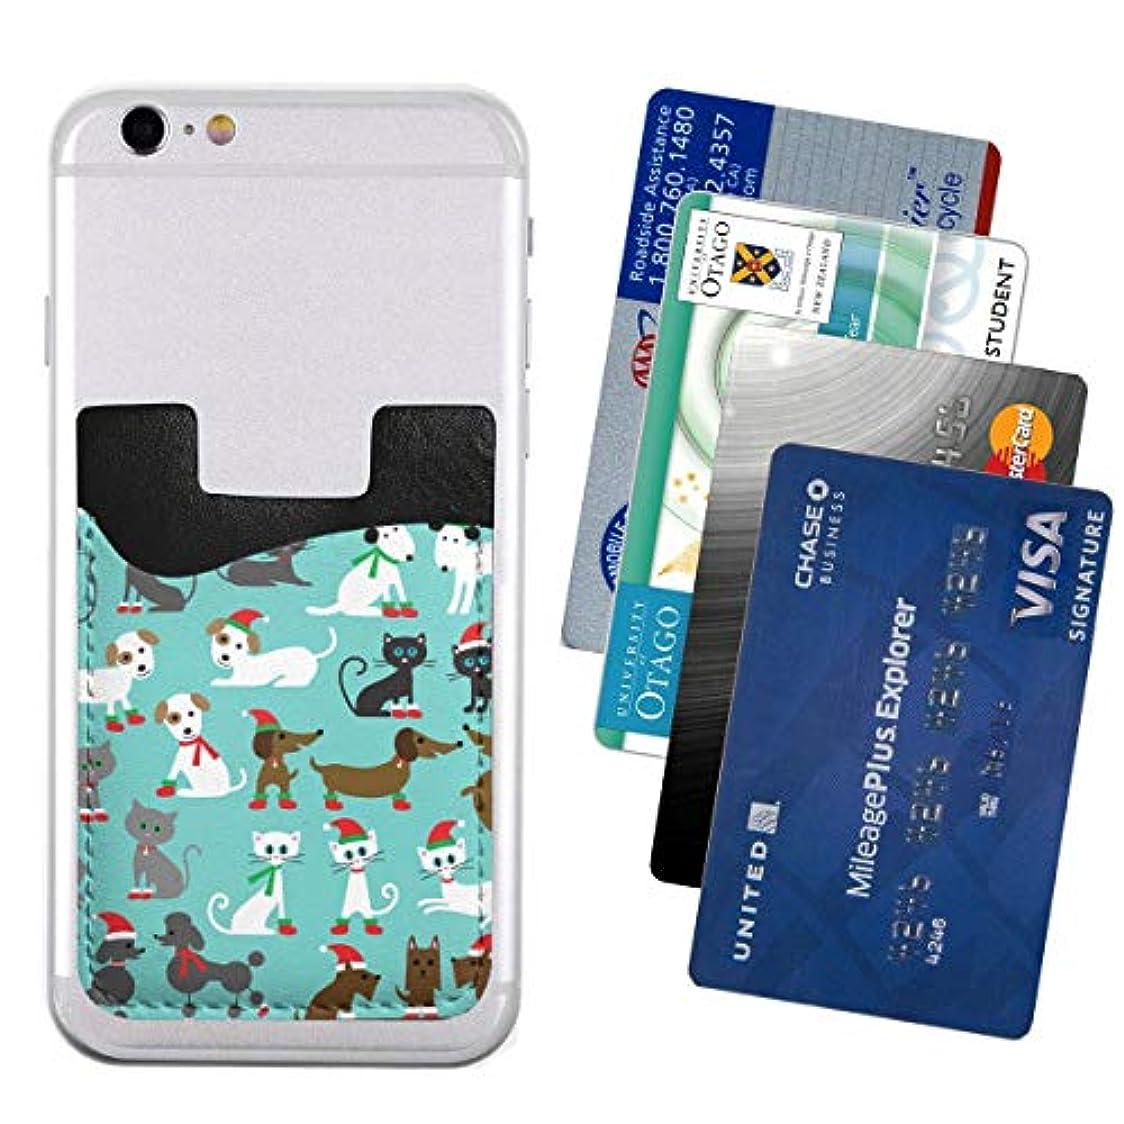 シンポジウム証書拍手する携帯ウォレット ポケット カードホルダースマートフォン カードポケッ Christmas Cats 便利 携帯電話カードパッケージ2.4 * 3.5in